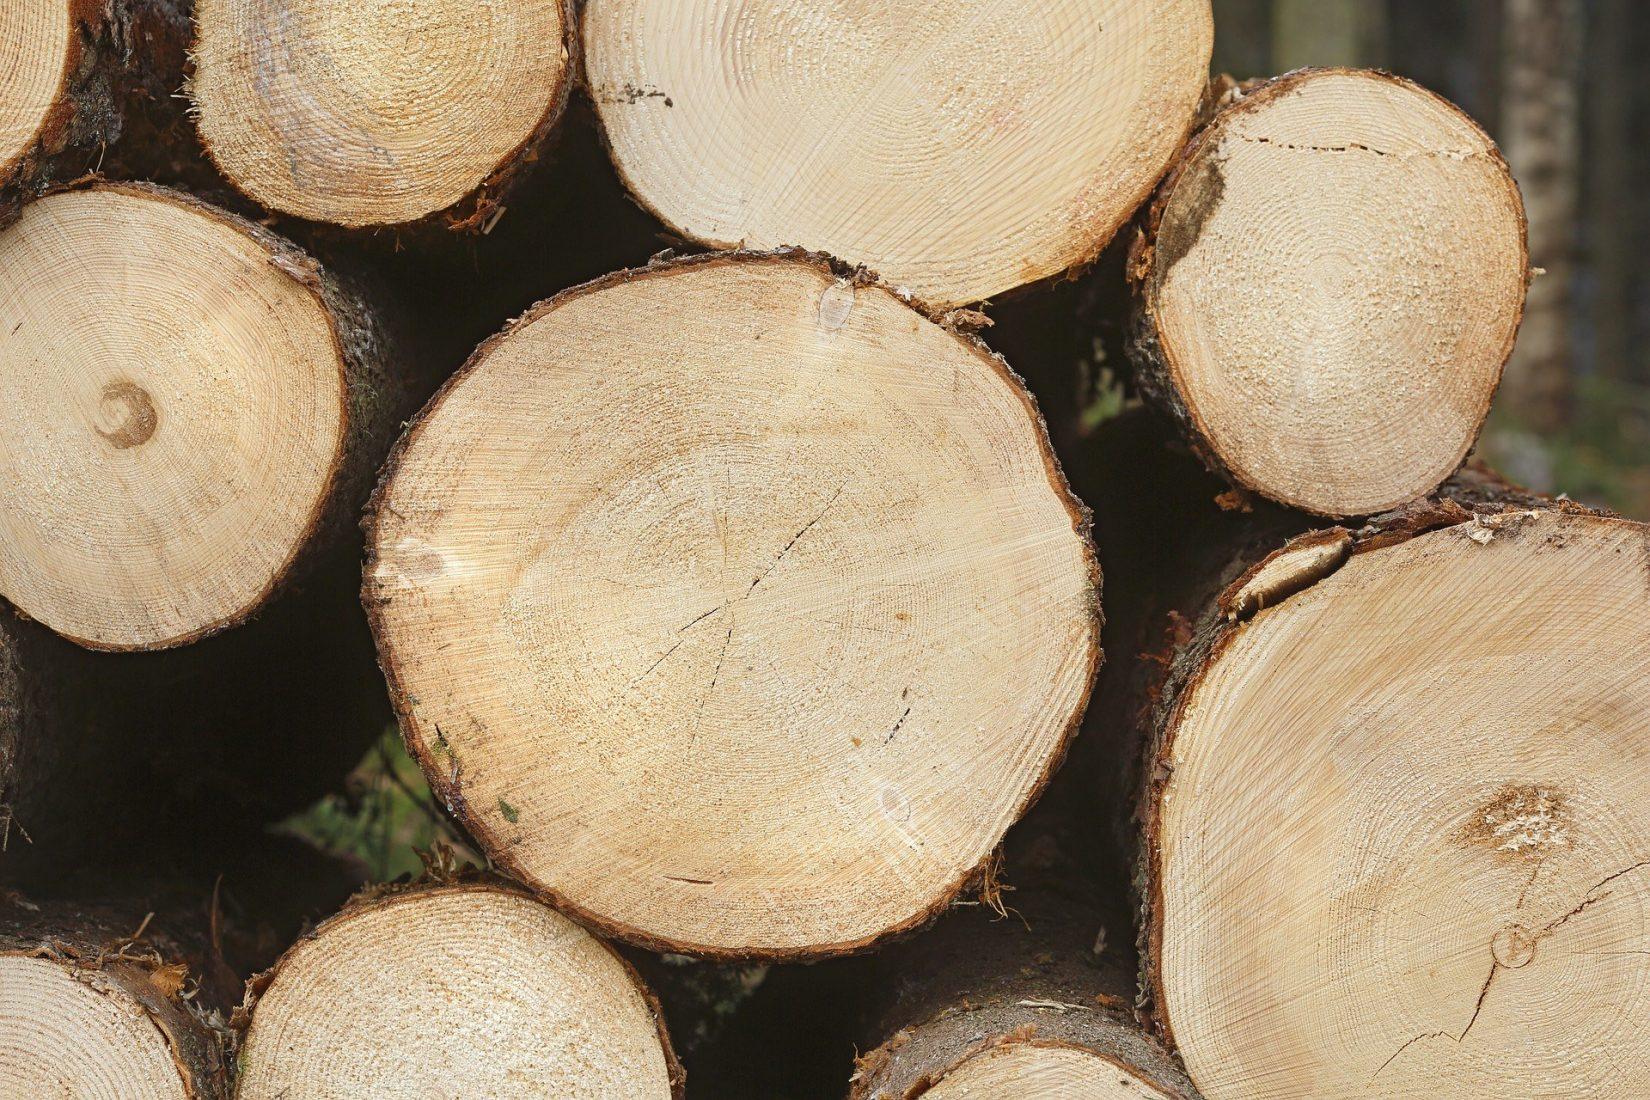 Fichtenholz kommt für Bauprodukte besonders häufig zum Einsatz. Foto: Pixabay